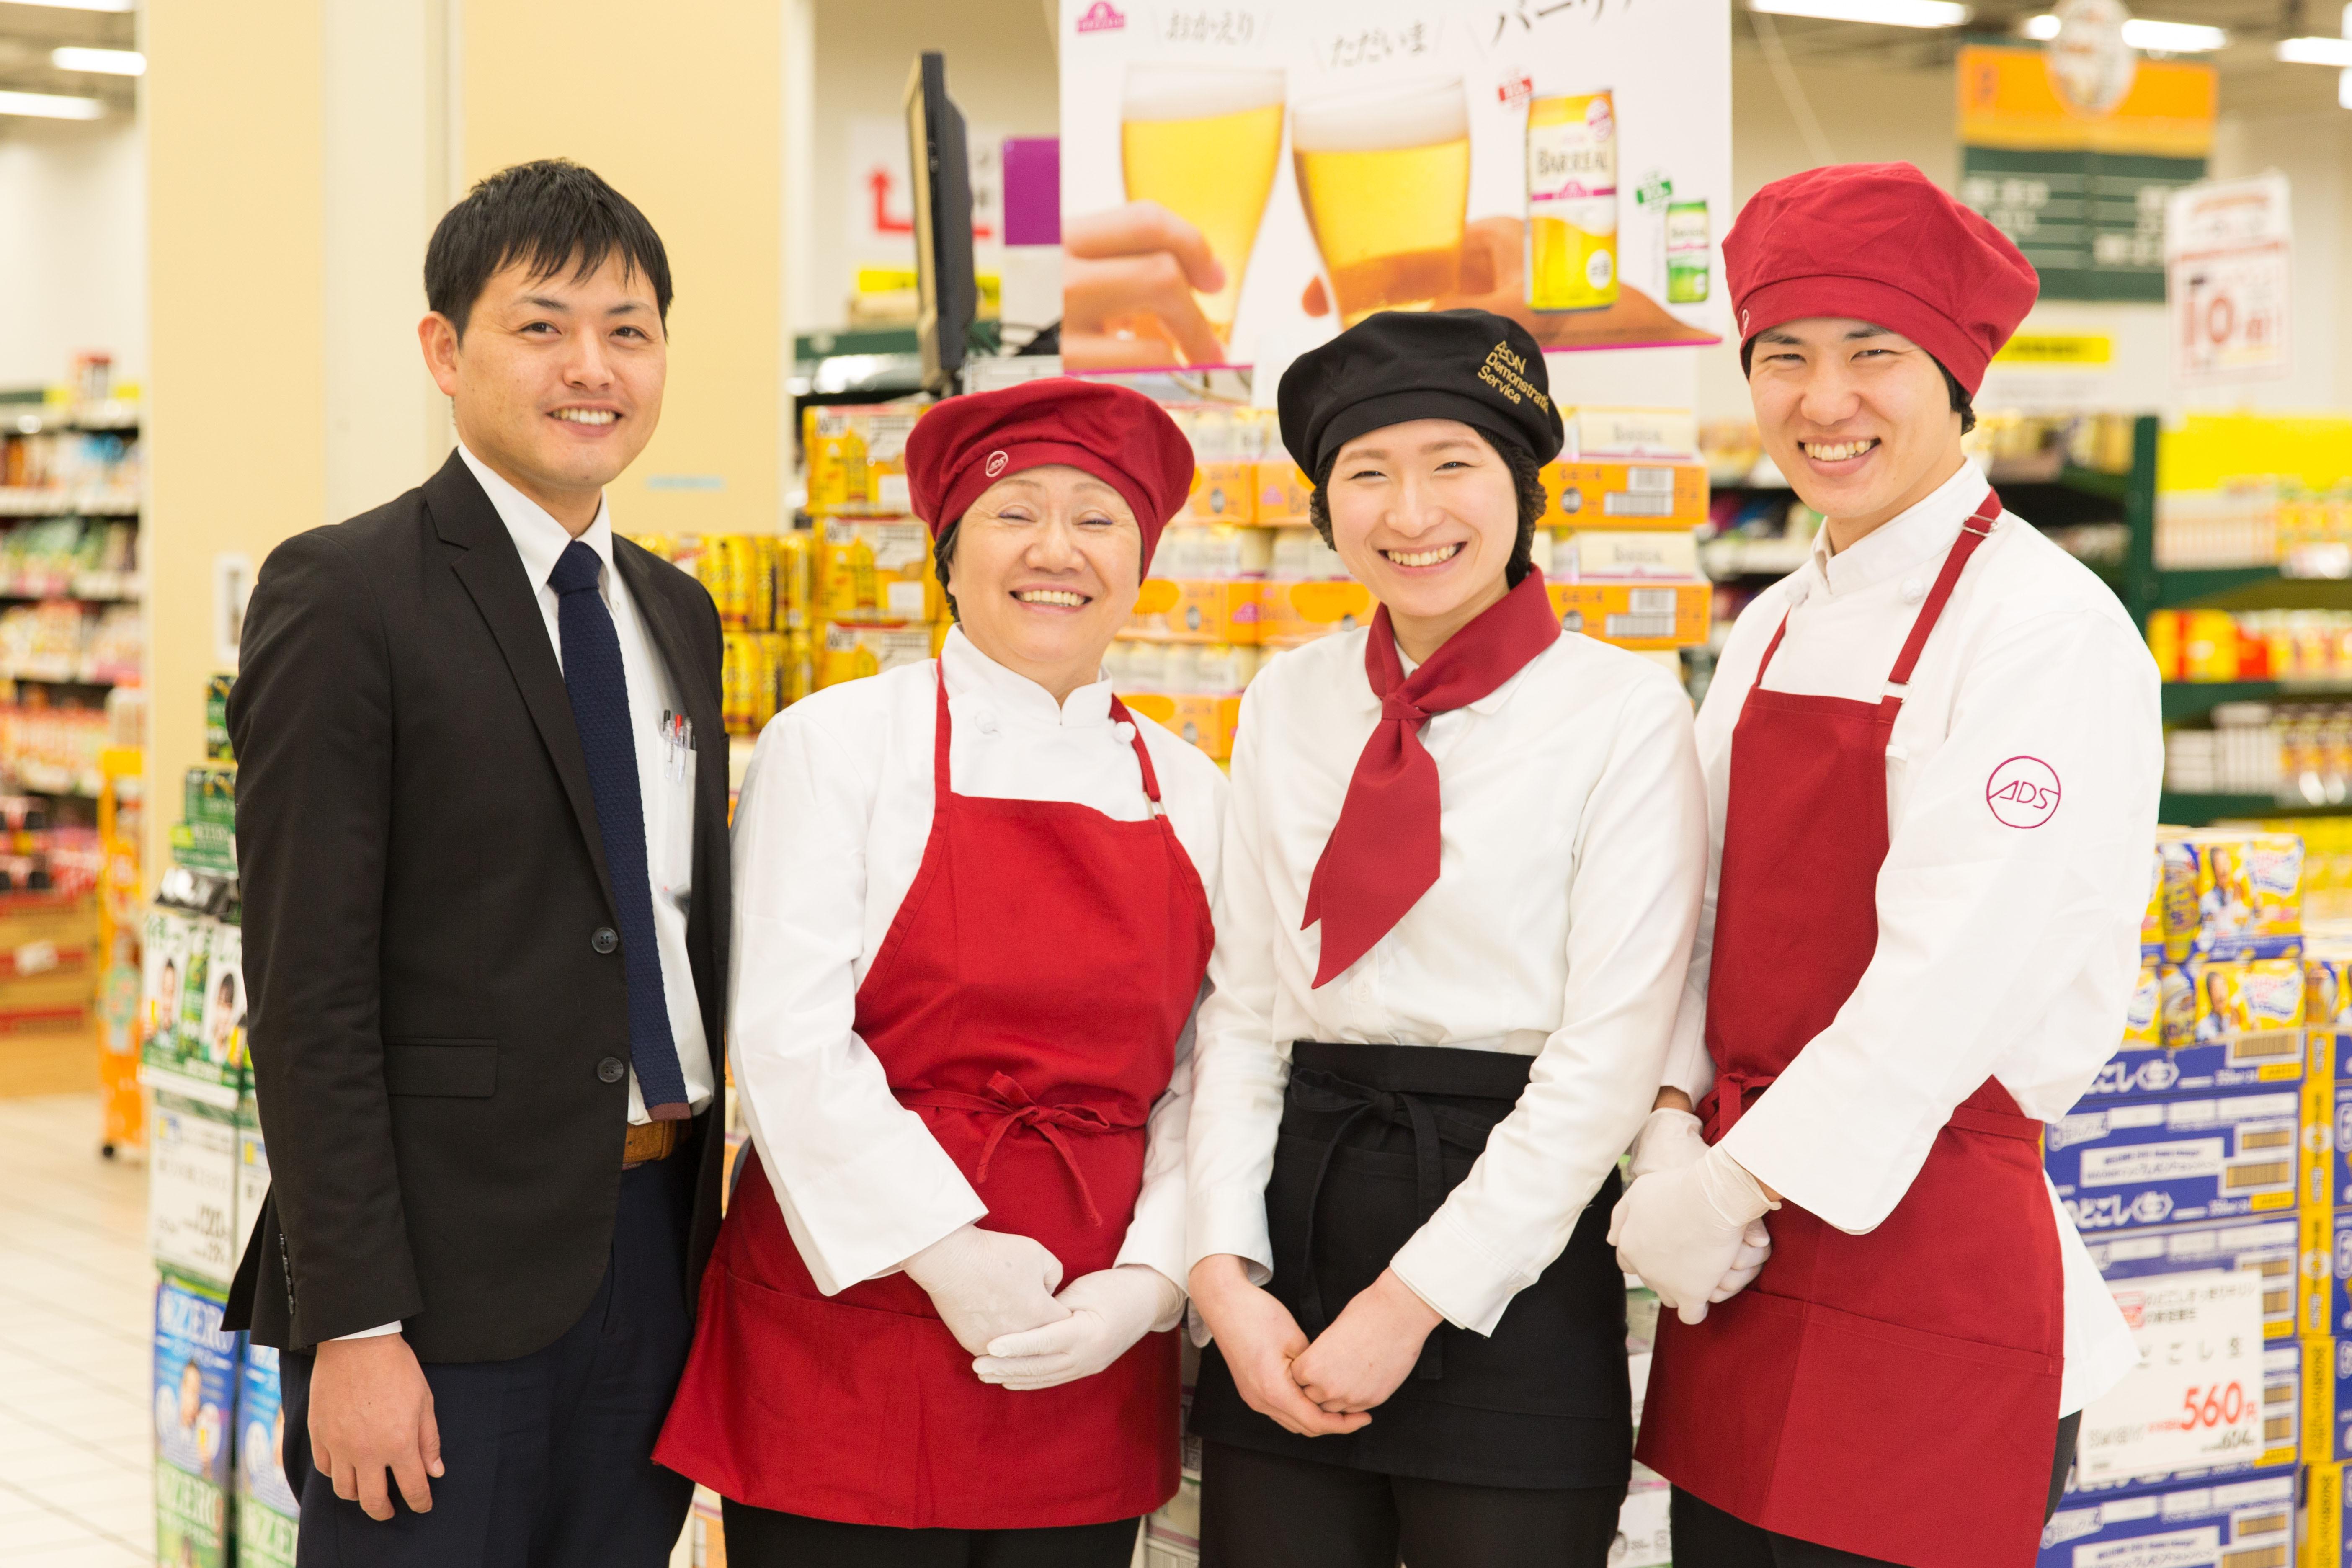 イオン 久里浜店 のアルバイト情報